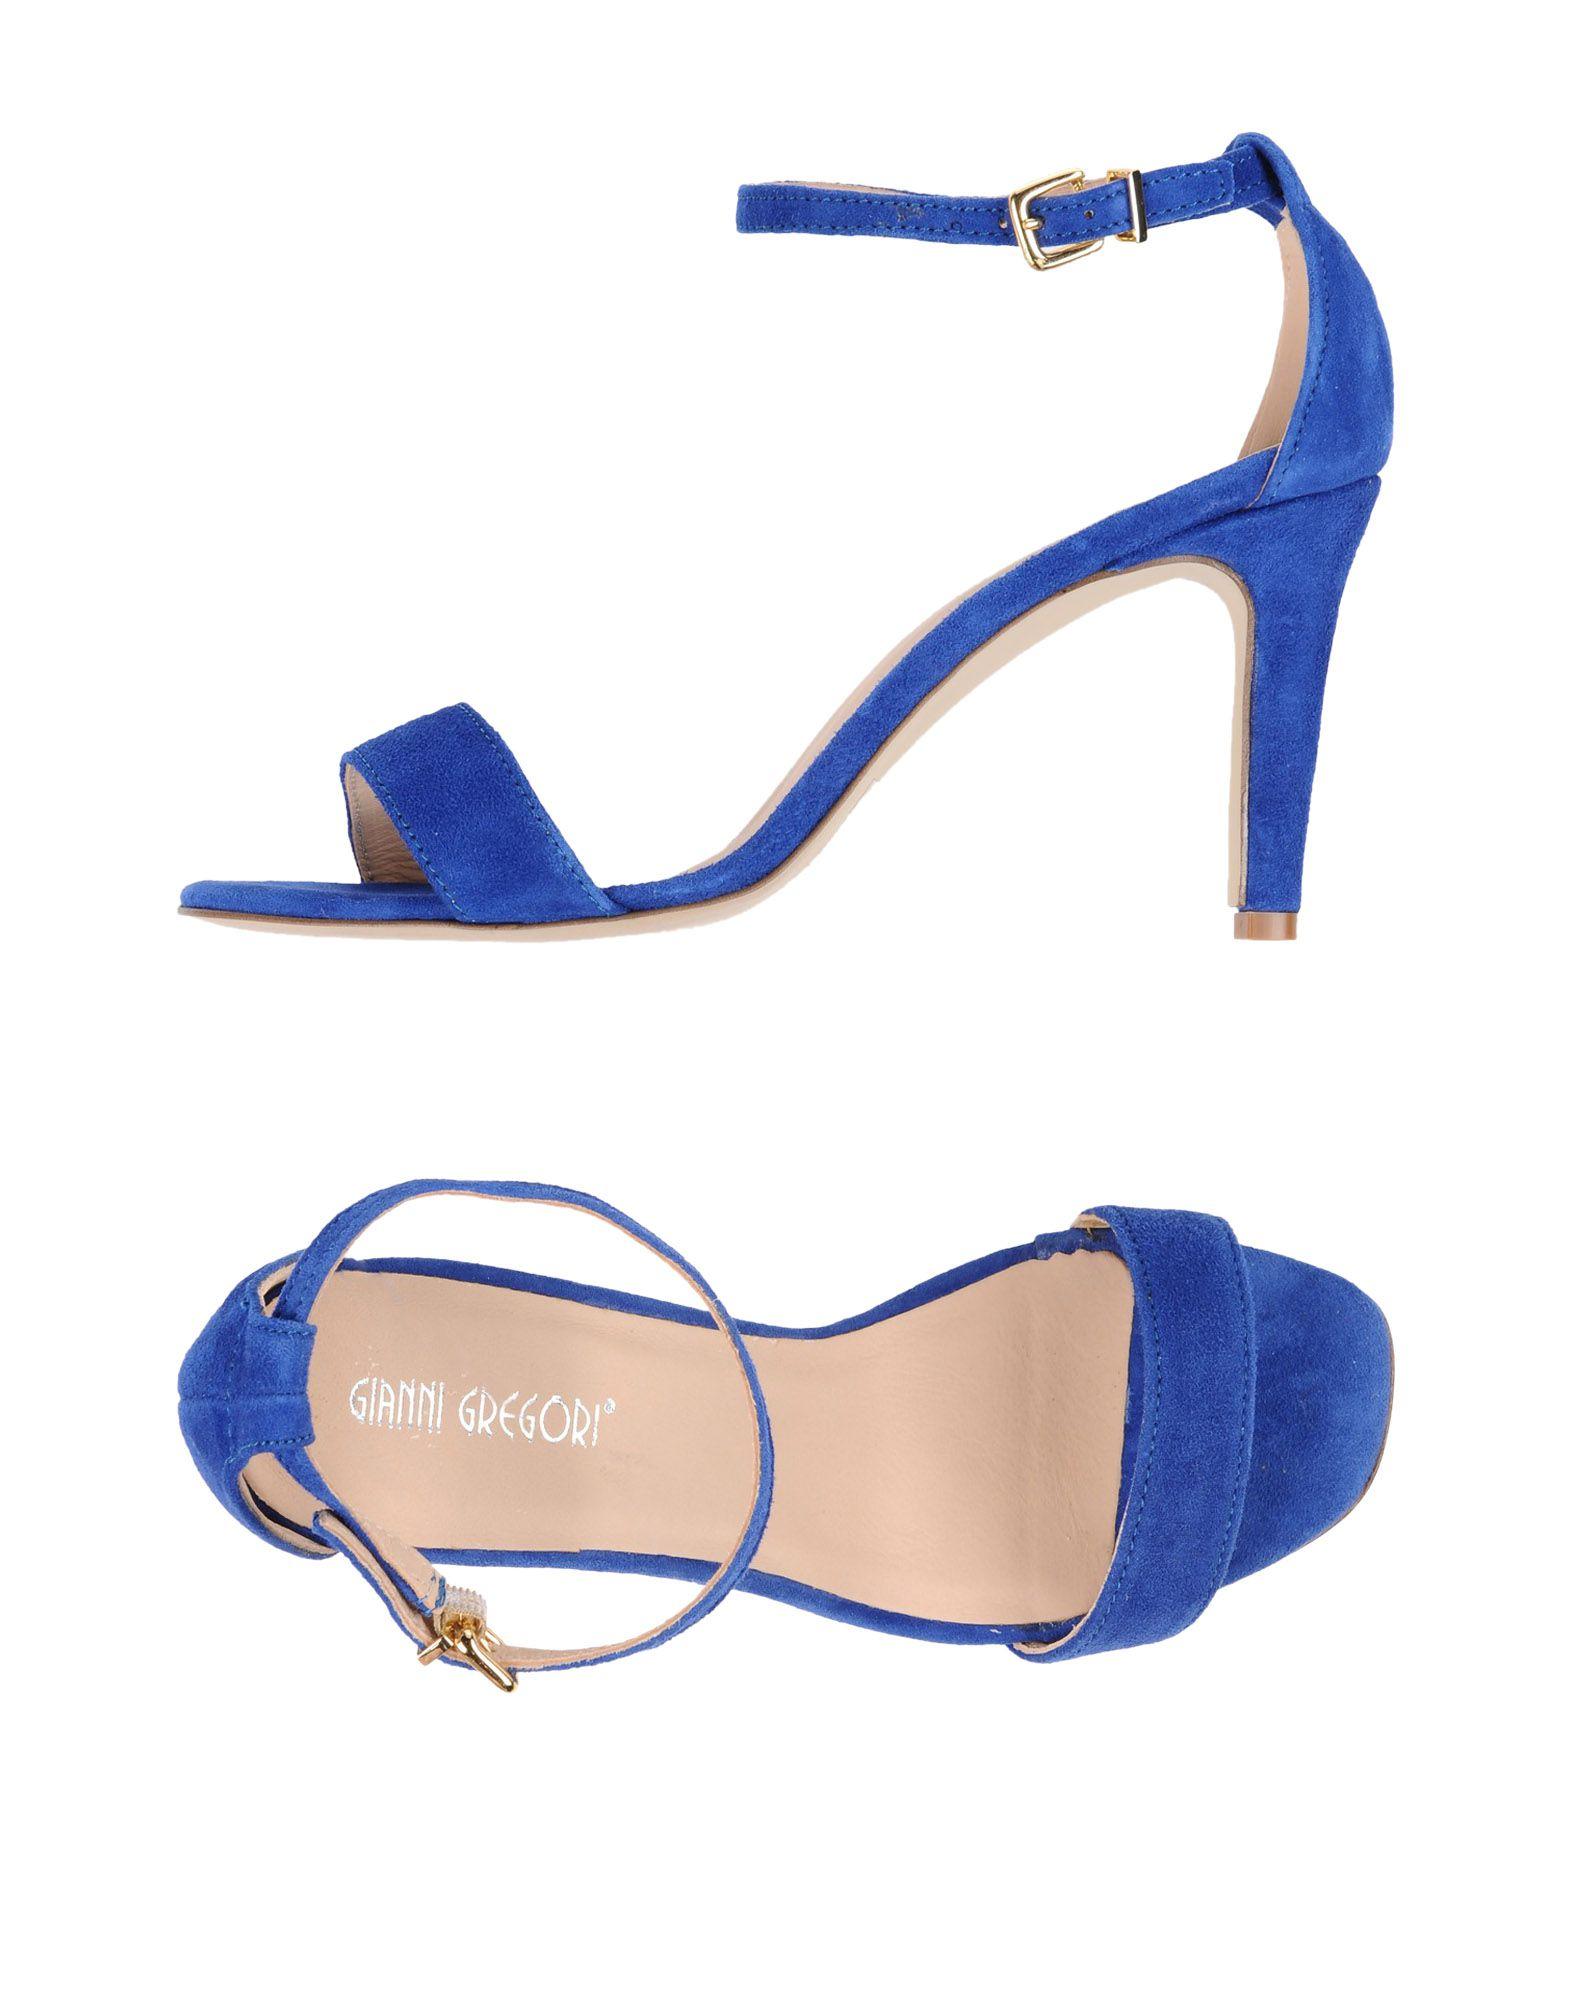 Gianni Gregori® Sandalen Damen  11427631PI Gute Qualität beliebte Schuhe